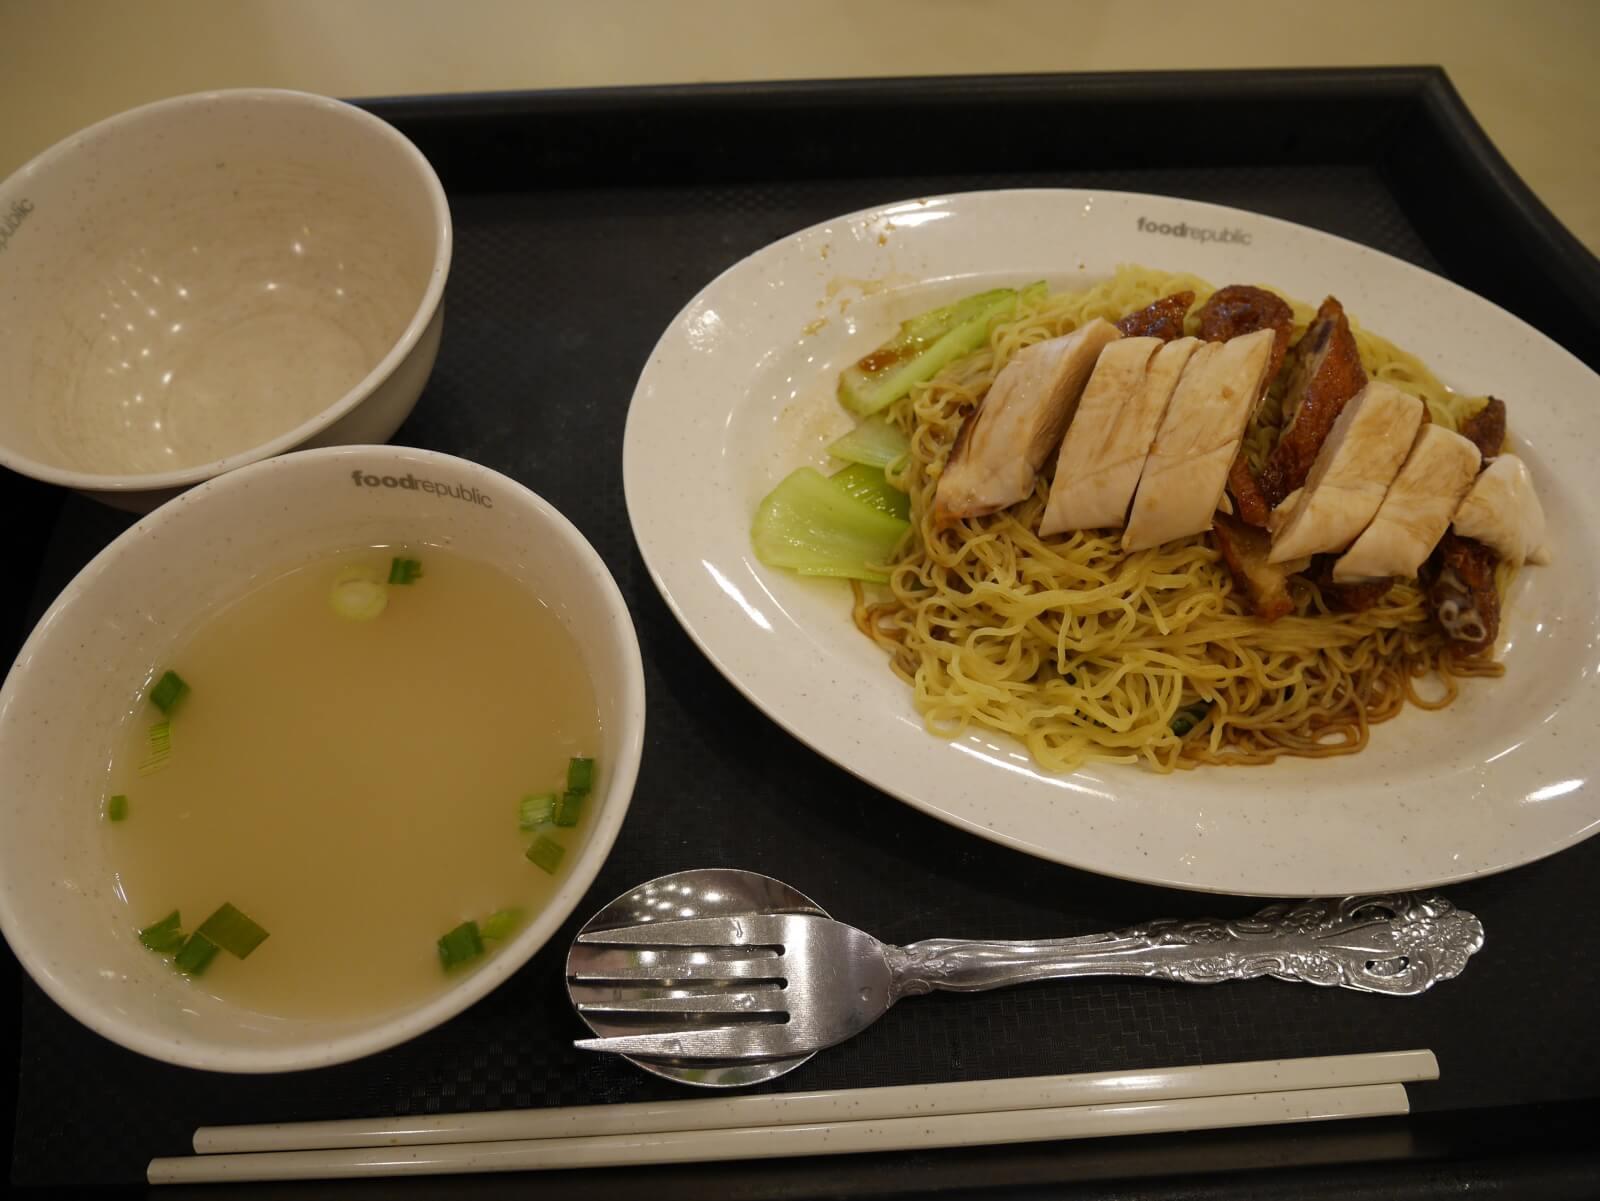 シンガポールのフードコートで食べたチキンヌードル